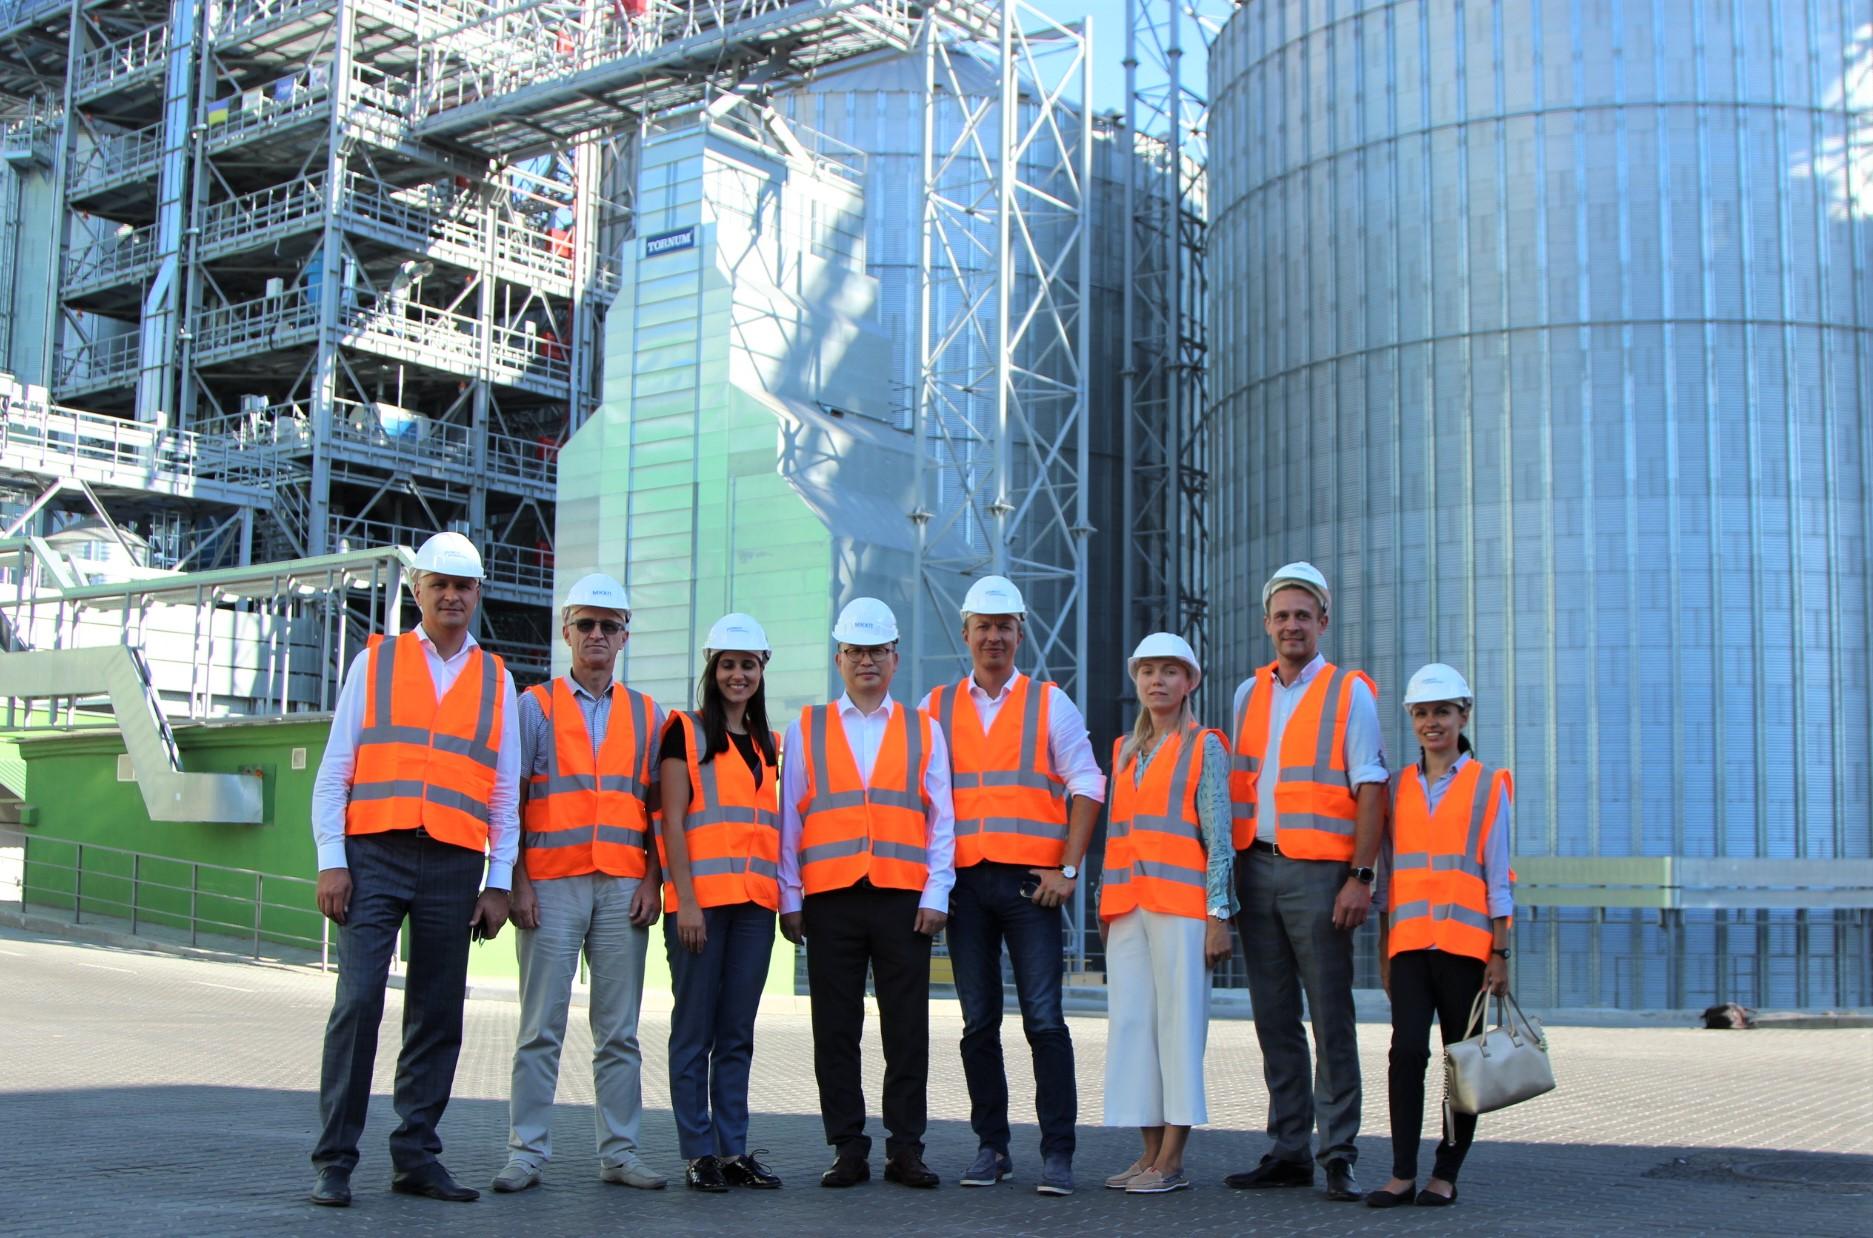 members of Verkhovna Rada in MMW Grain Terminal